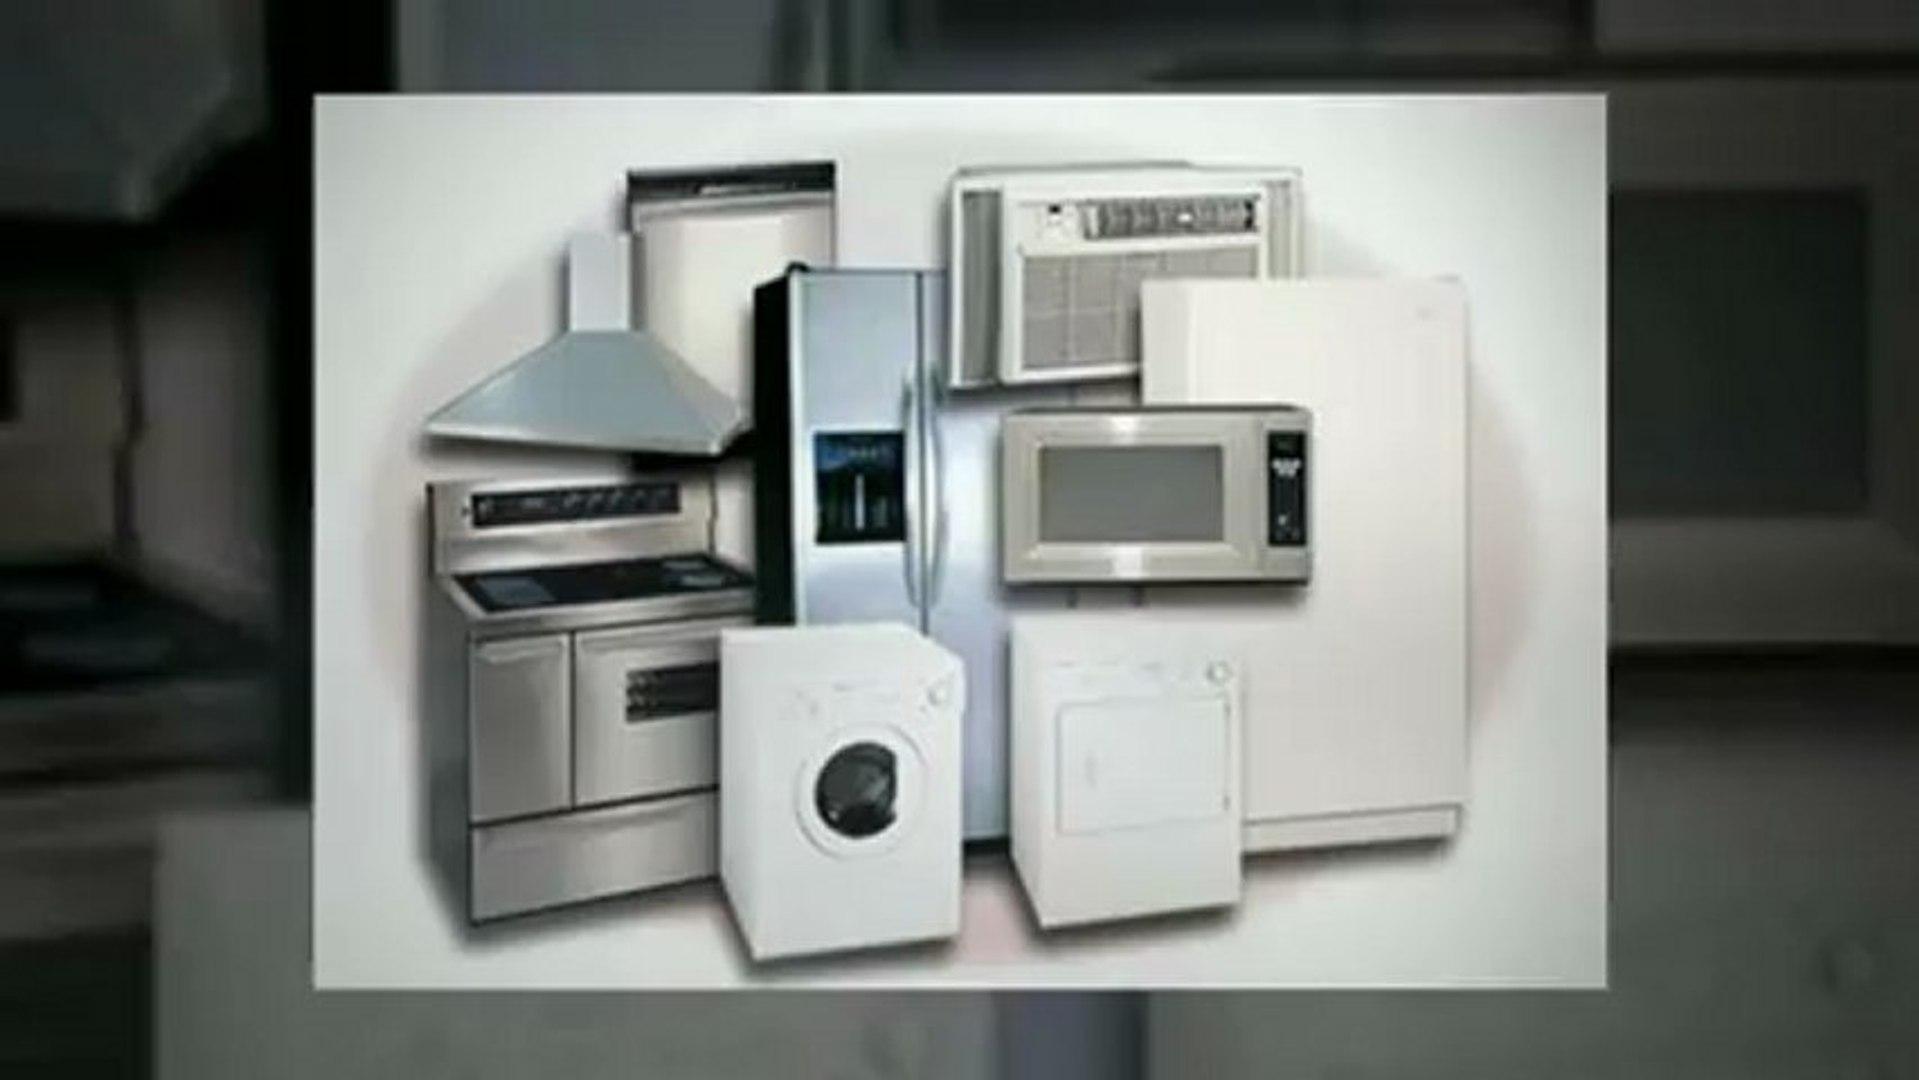 All Appliance Repair In San Francisco Ca Call 415-689-8180